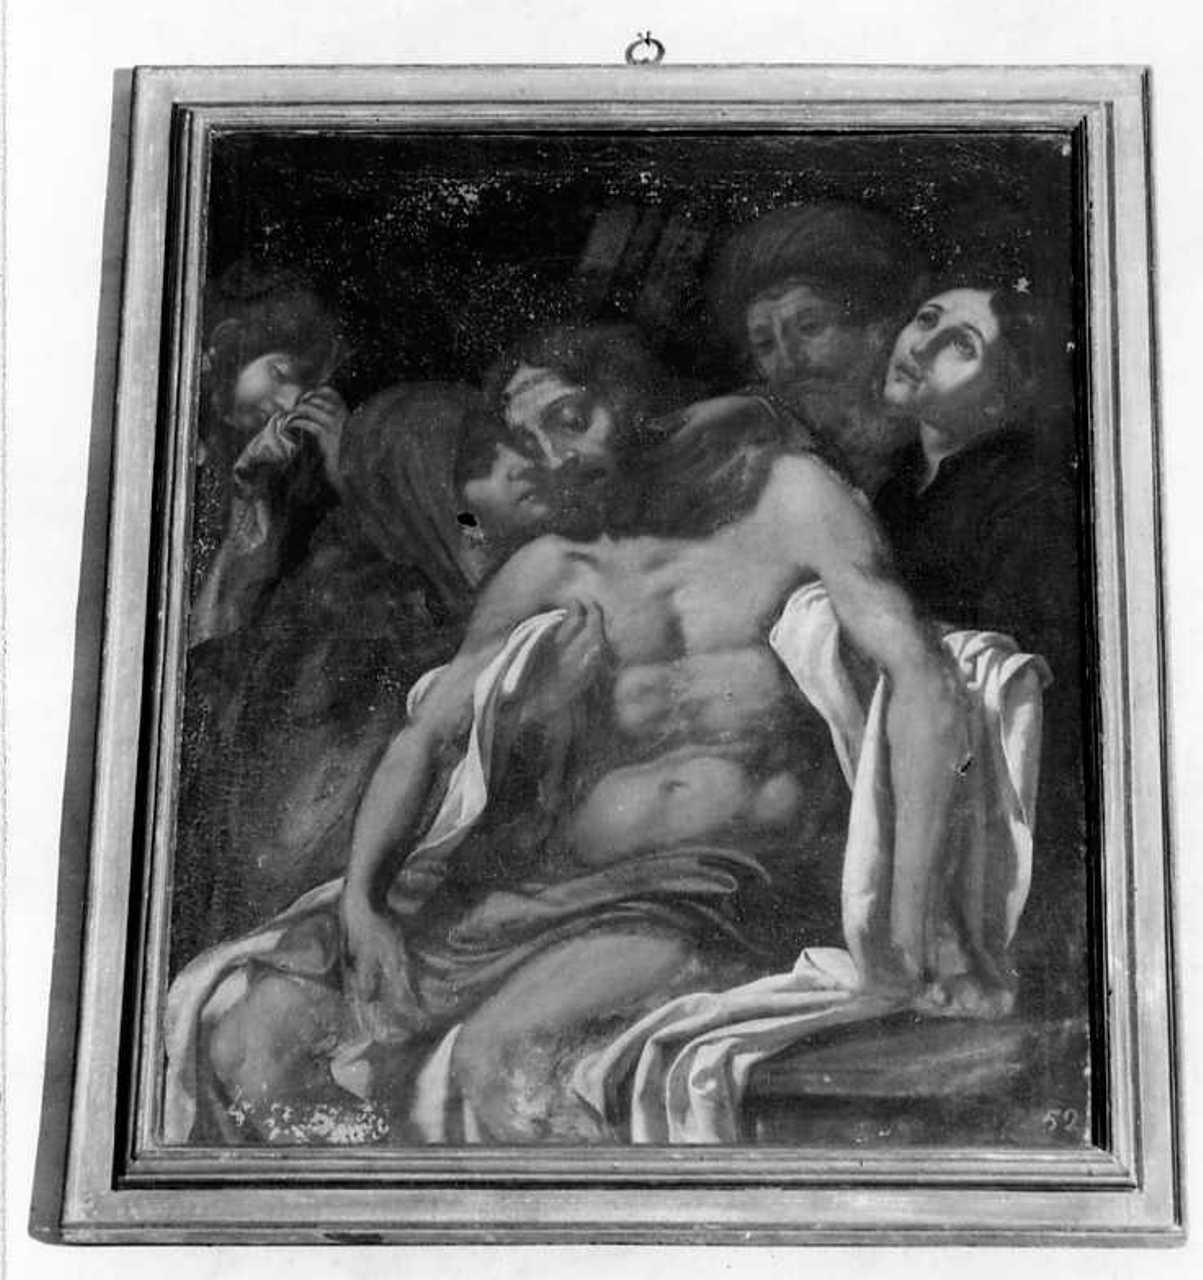 compianto sul Cristo morto (dipinto) - ambito toscano (seconda metà sec. XVII)